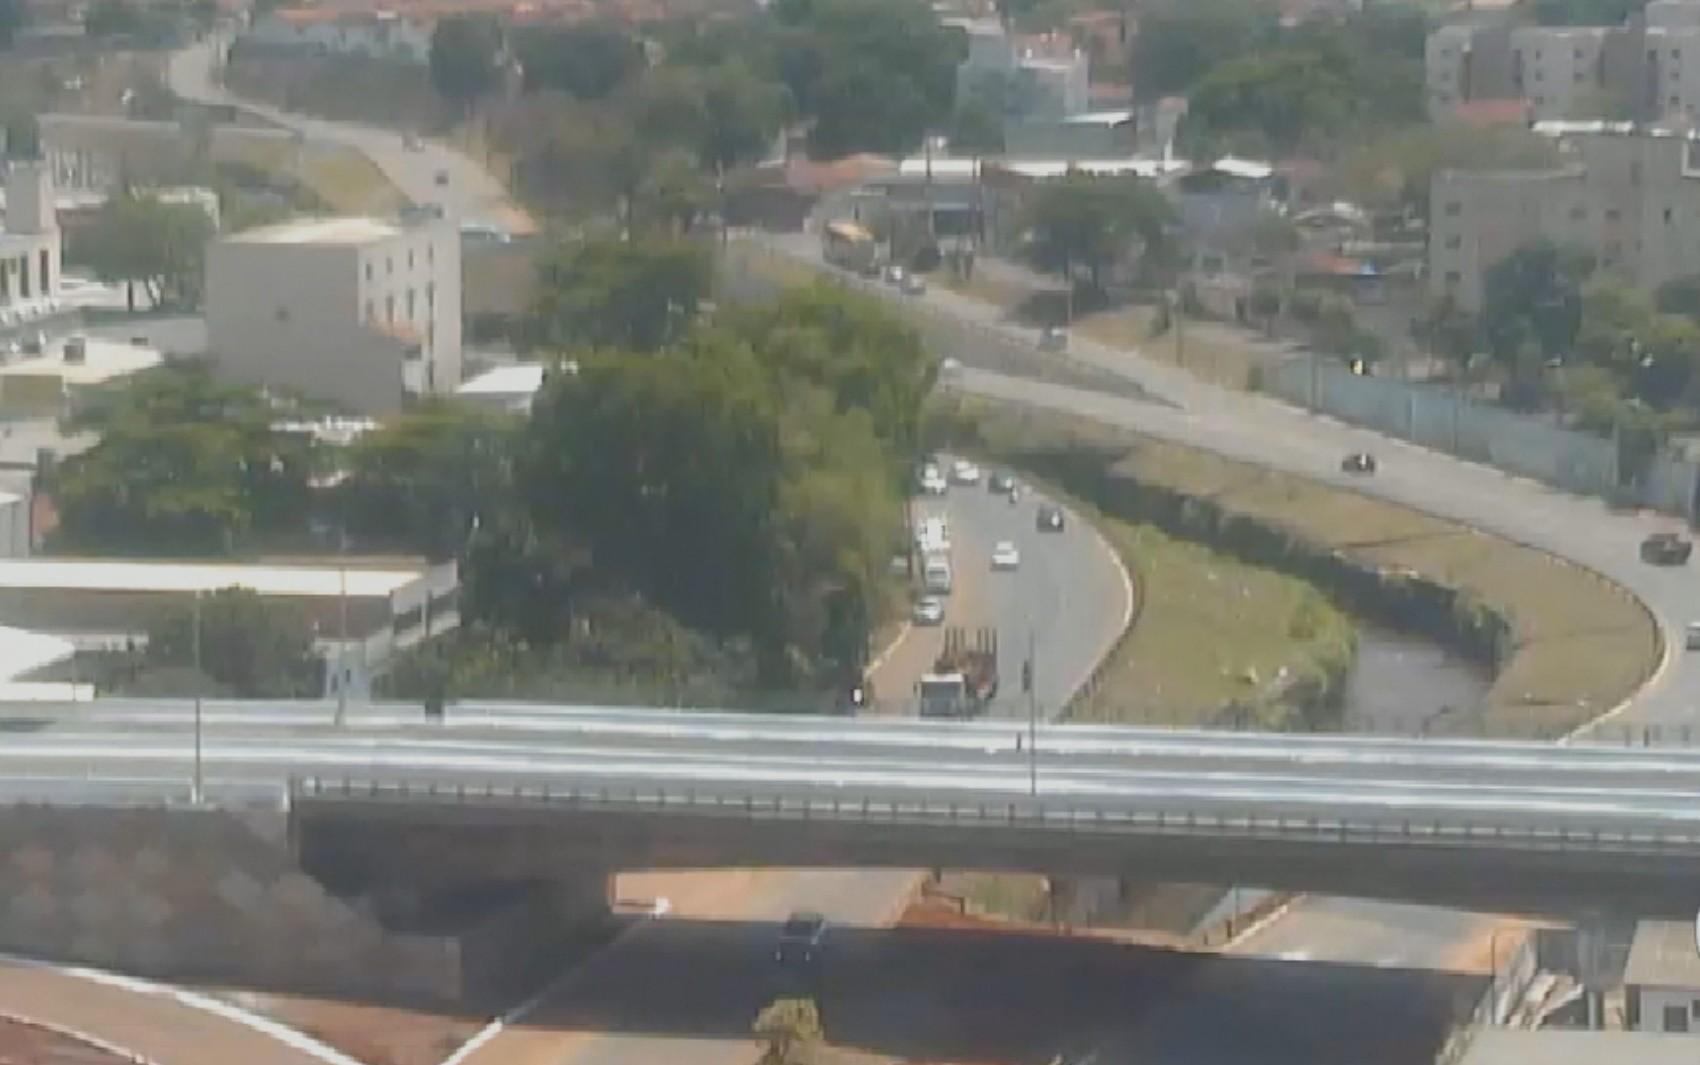 Prefeitura inaugura trecho da Leste Oeste e viaduto na região da 44, em Goiânia